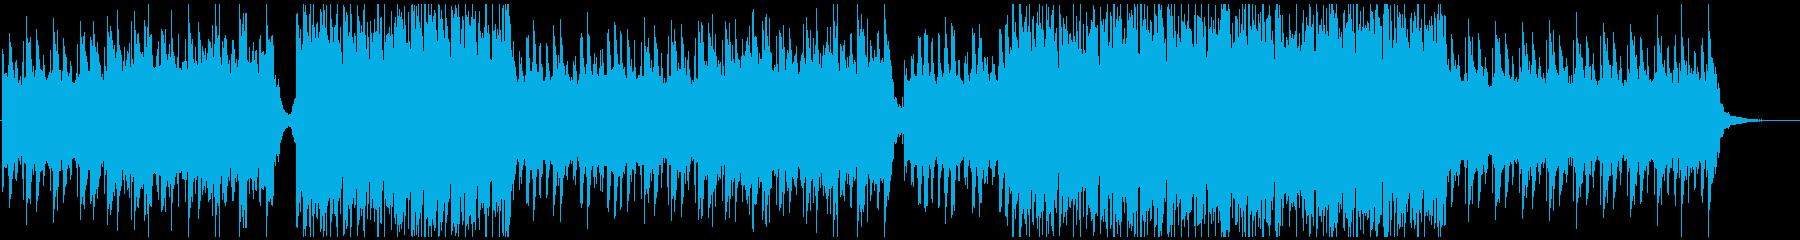 オーケストラ-花火-壮大-空撮-PV-空の再生済みの波形